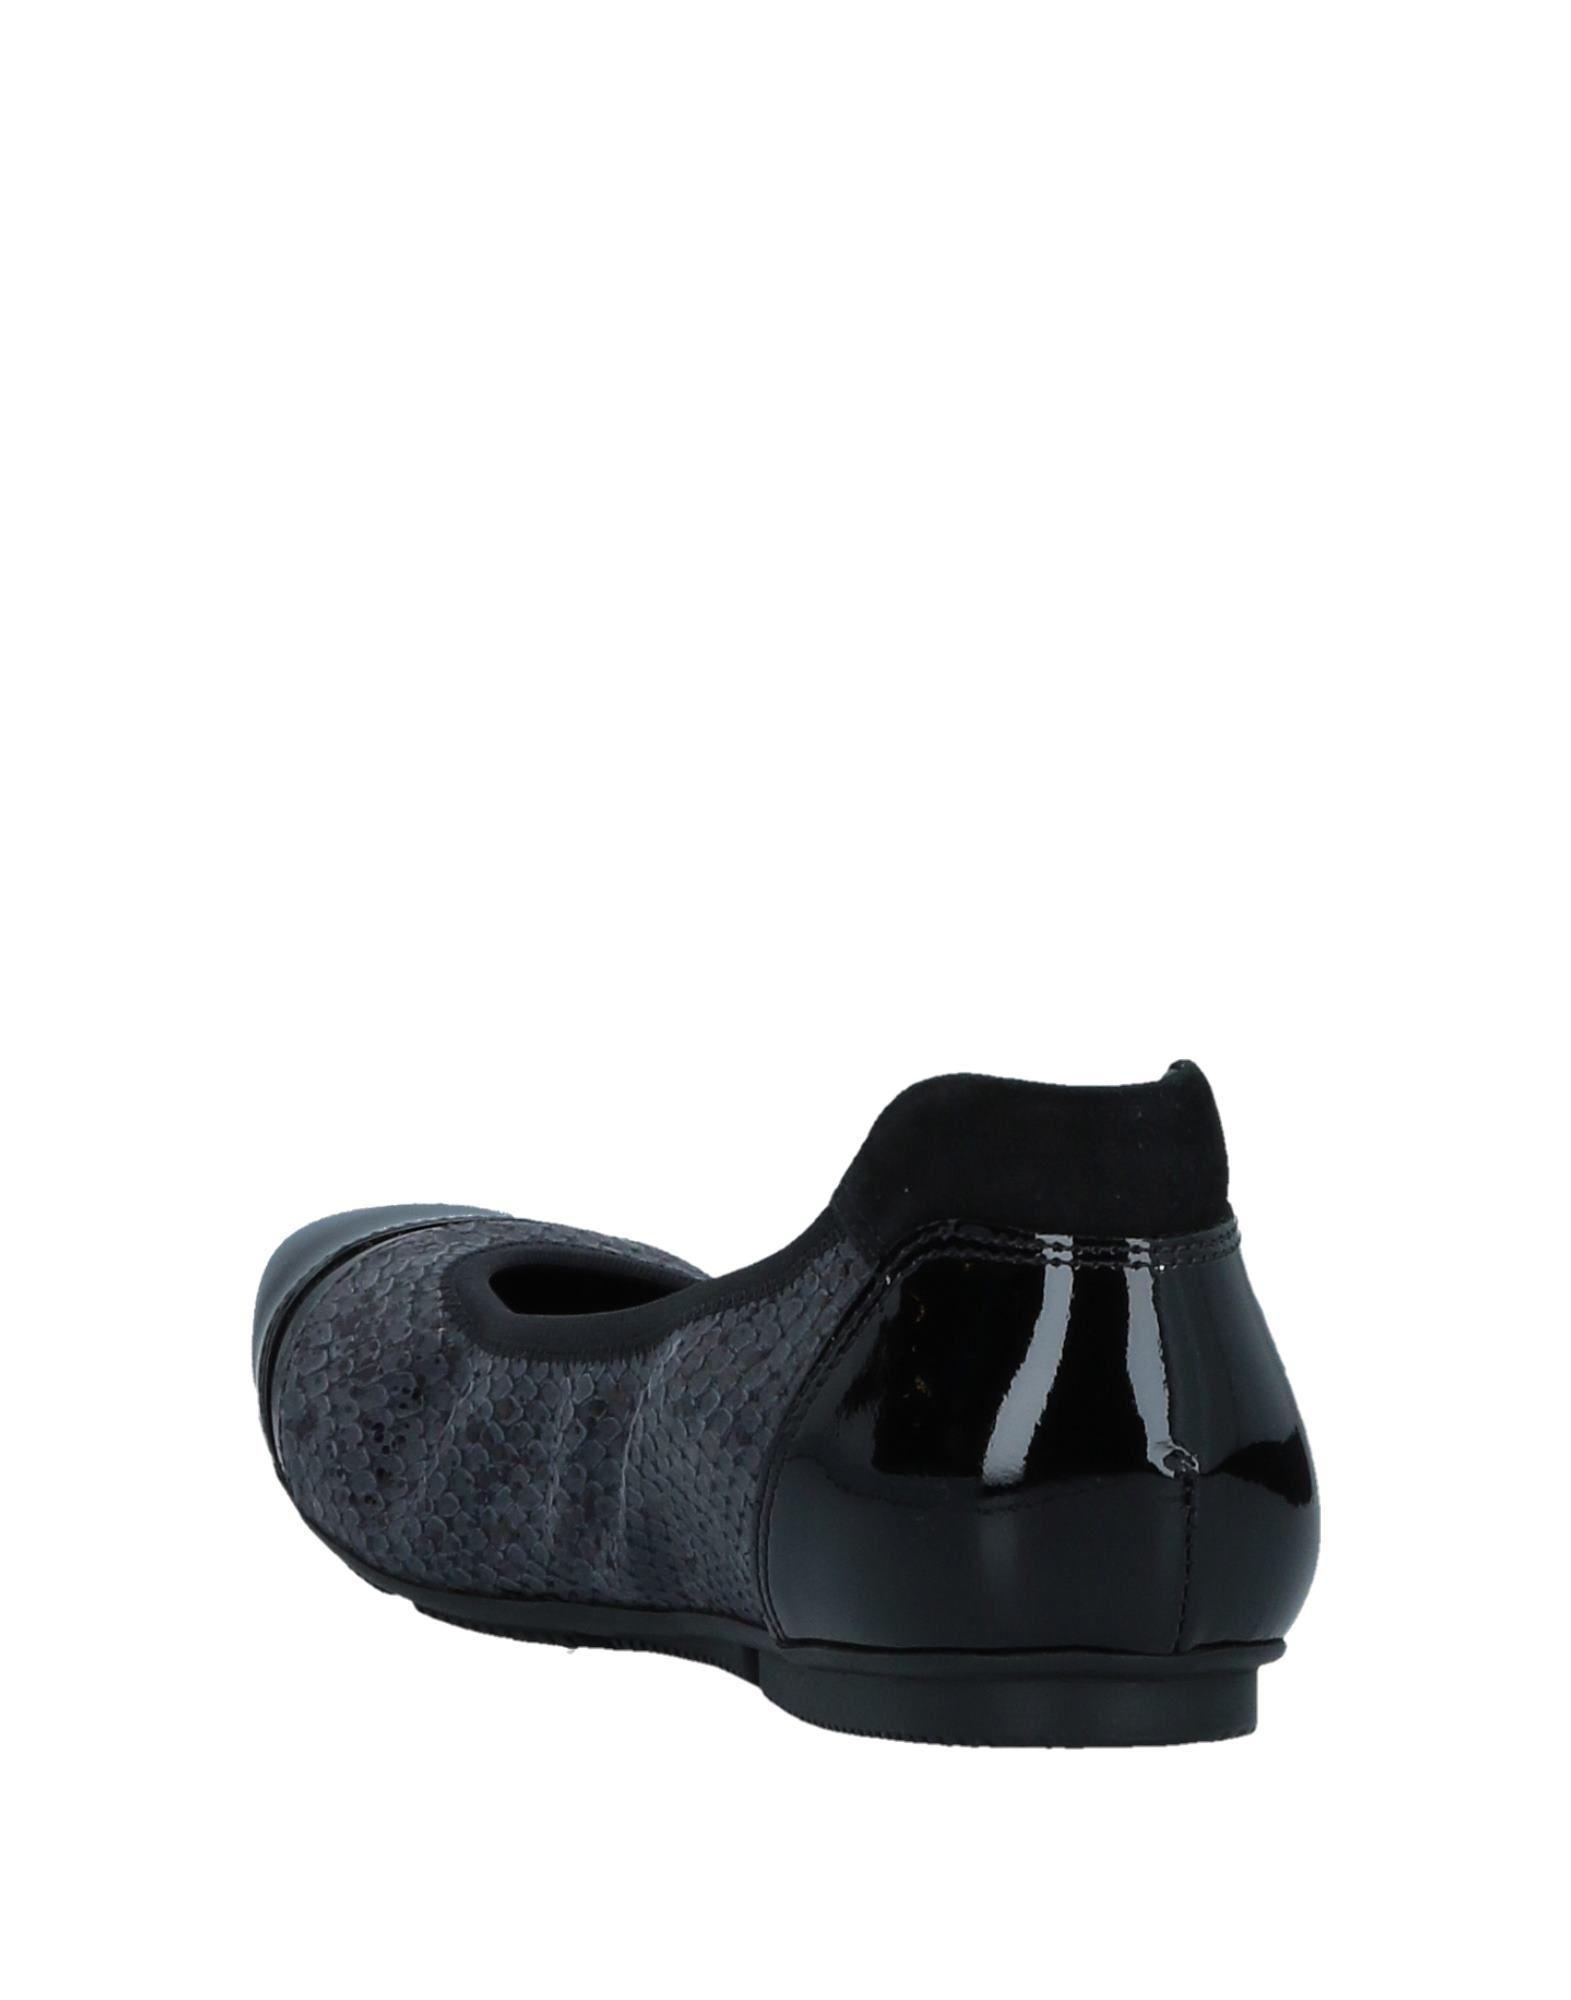 Stilvolle billige  Schuhe Hogan Ballerinas Damen  billige 11521858HM 723332